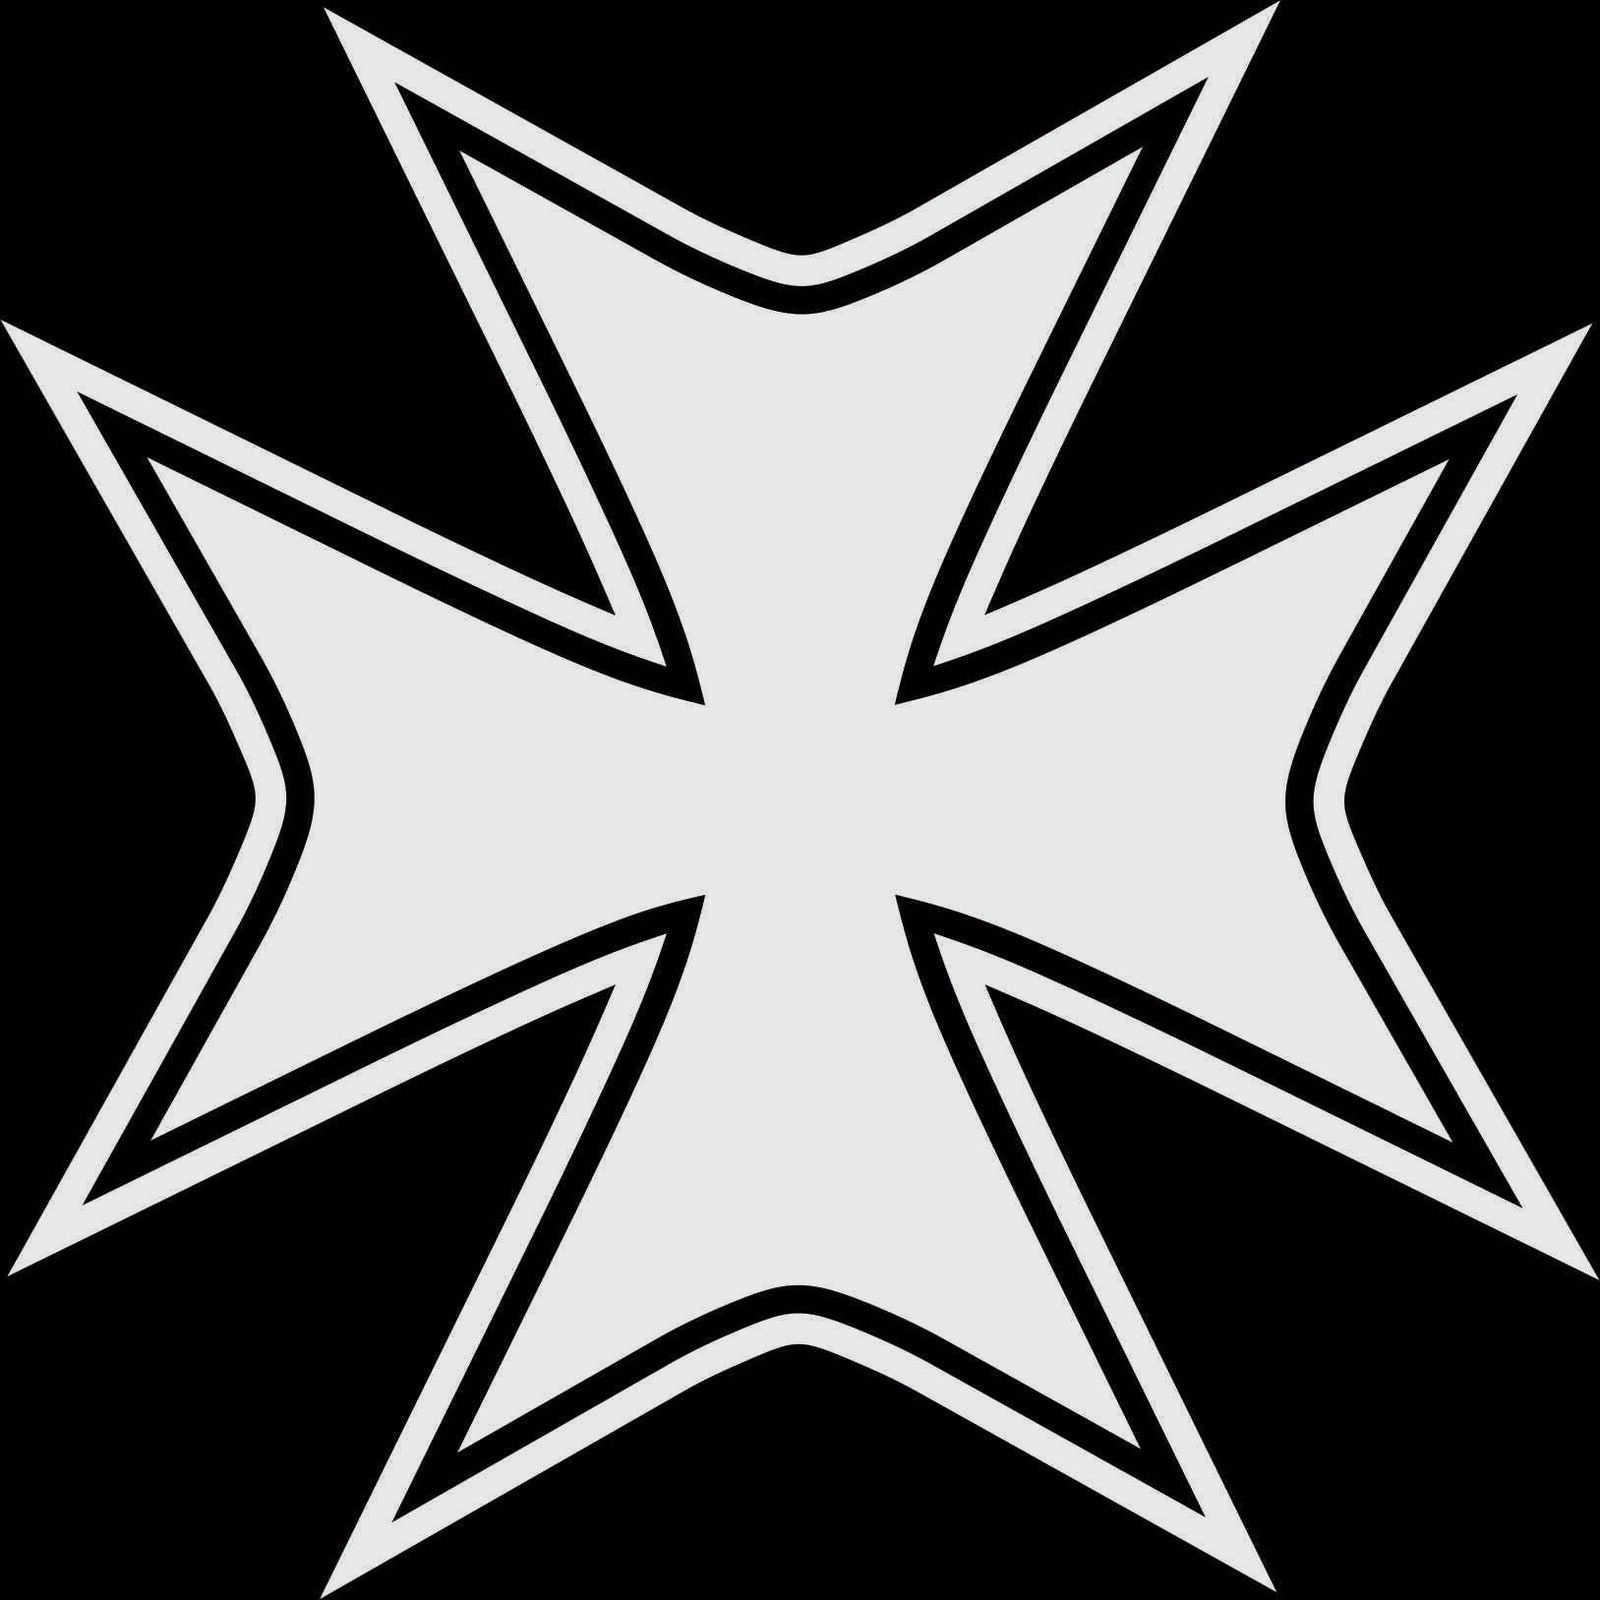 المالطية الصليب رمز سيارة ملصق لاصق لامع ورائع أزياء شخصية الإبداع الكلاسيكية جذابة